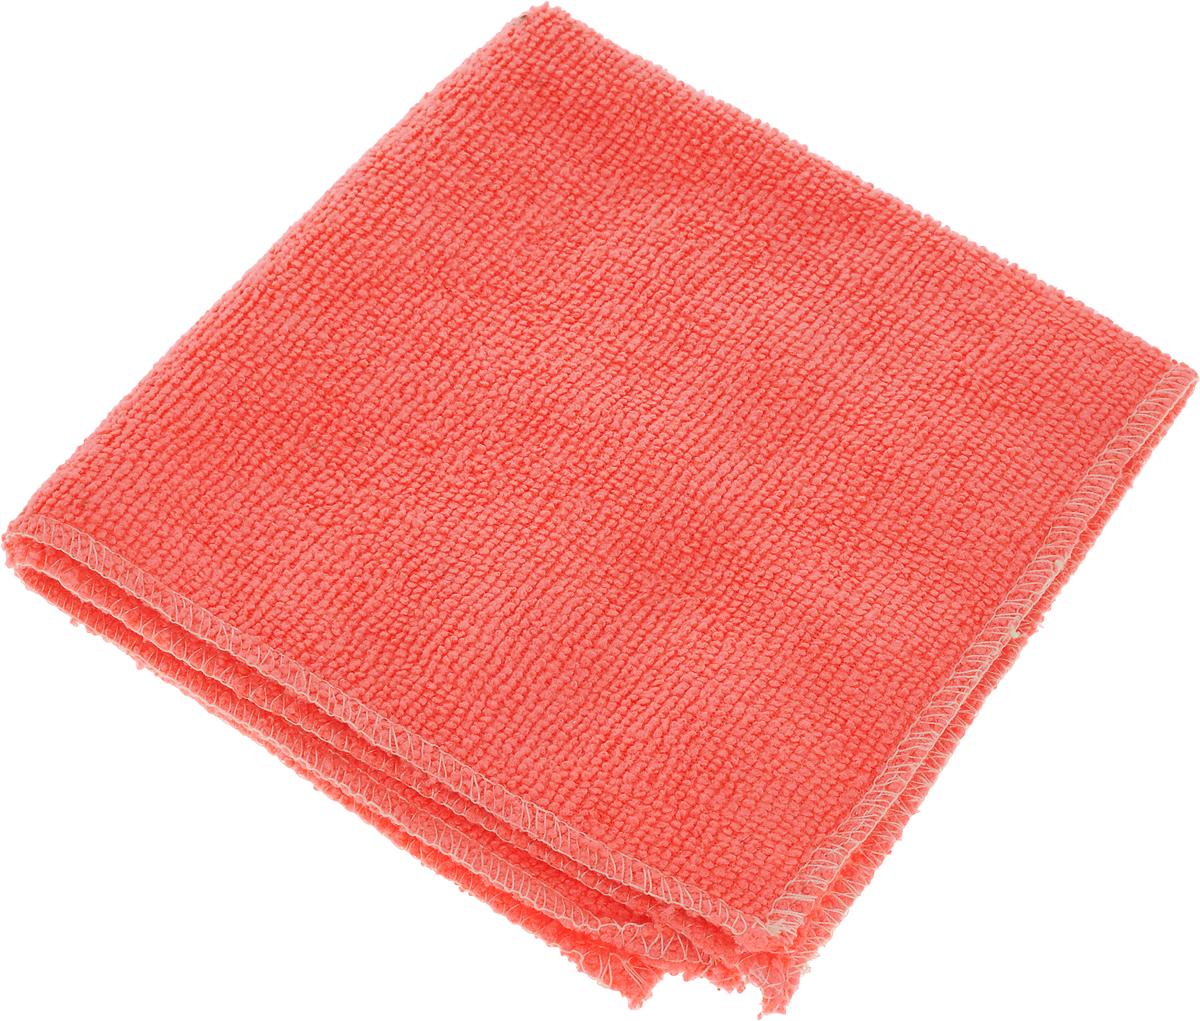 Салфетка автомобильная EvaAuto, универсальная, цвет: коралловый, 30 х 30 смТ08_коралловыйУниверсальная автомобильная салфетка EvaAuto, выполненная из микрофибры, идеально подходит для уборки. В сухом виде применяется для вытирания пыли и легких загрязнений, во влажном - для удаления загрязнений с любых поверхностей без применения моющих средств. Не оставляет разводов и ворсинок, полностью впитывает влагу. Сохраняет эффект даже после многократных стирок.